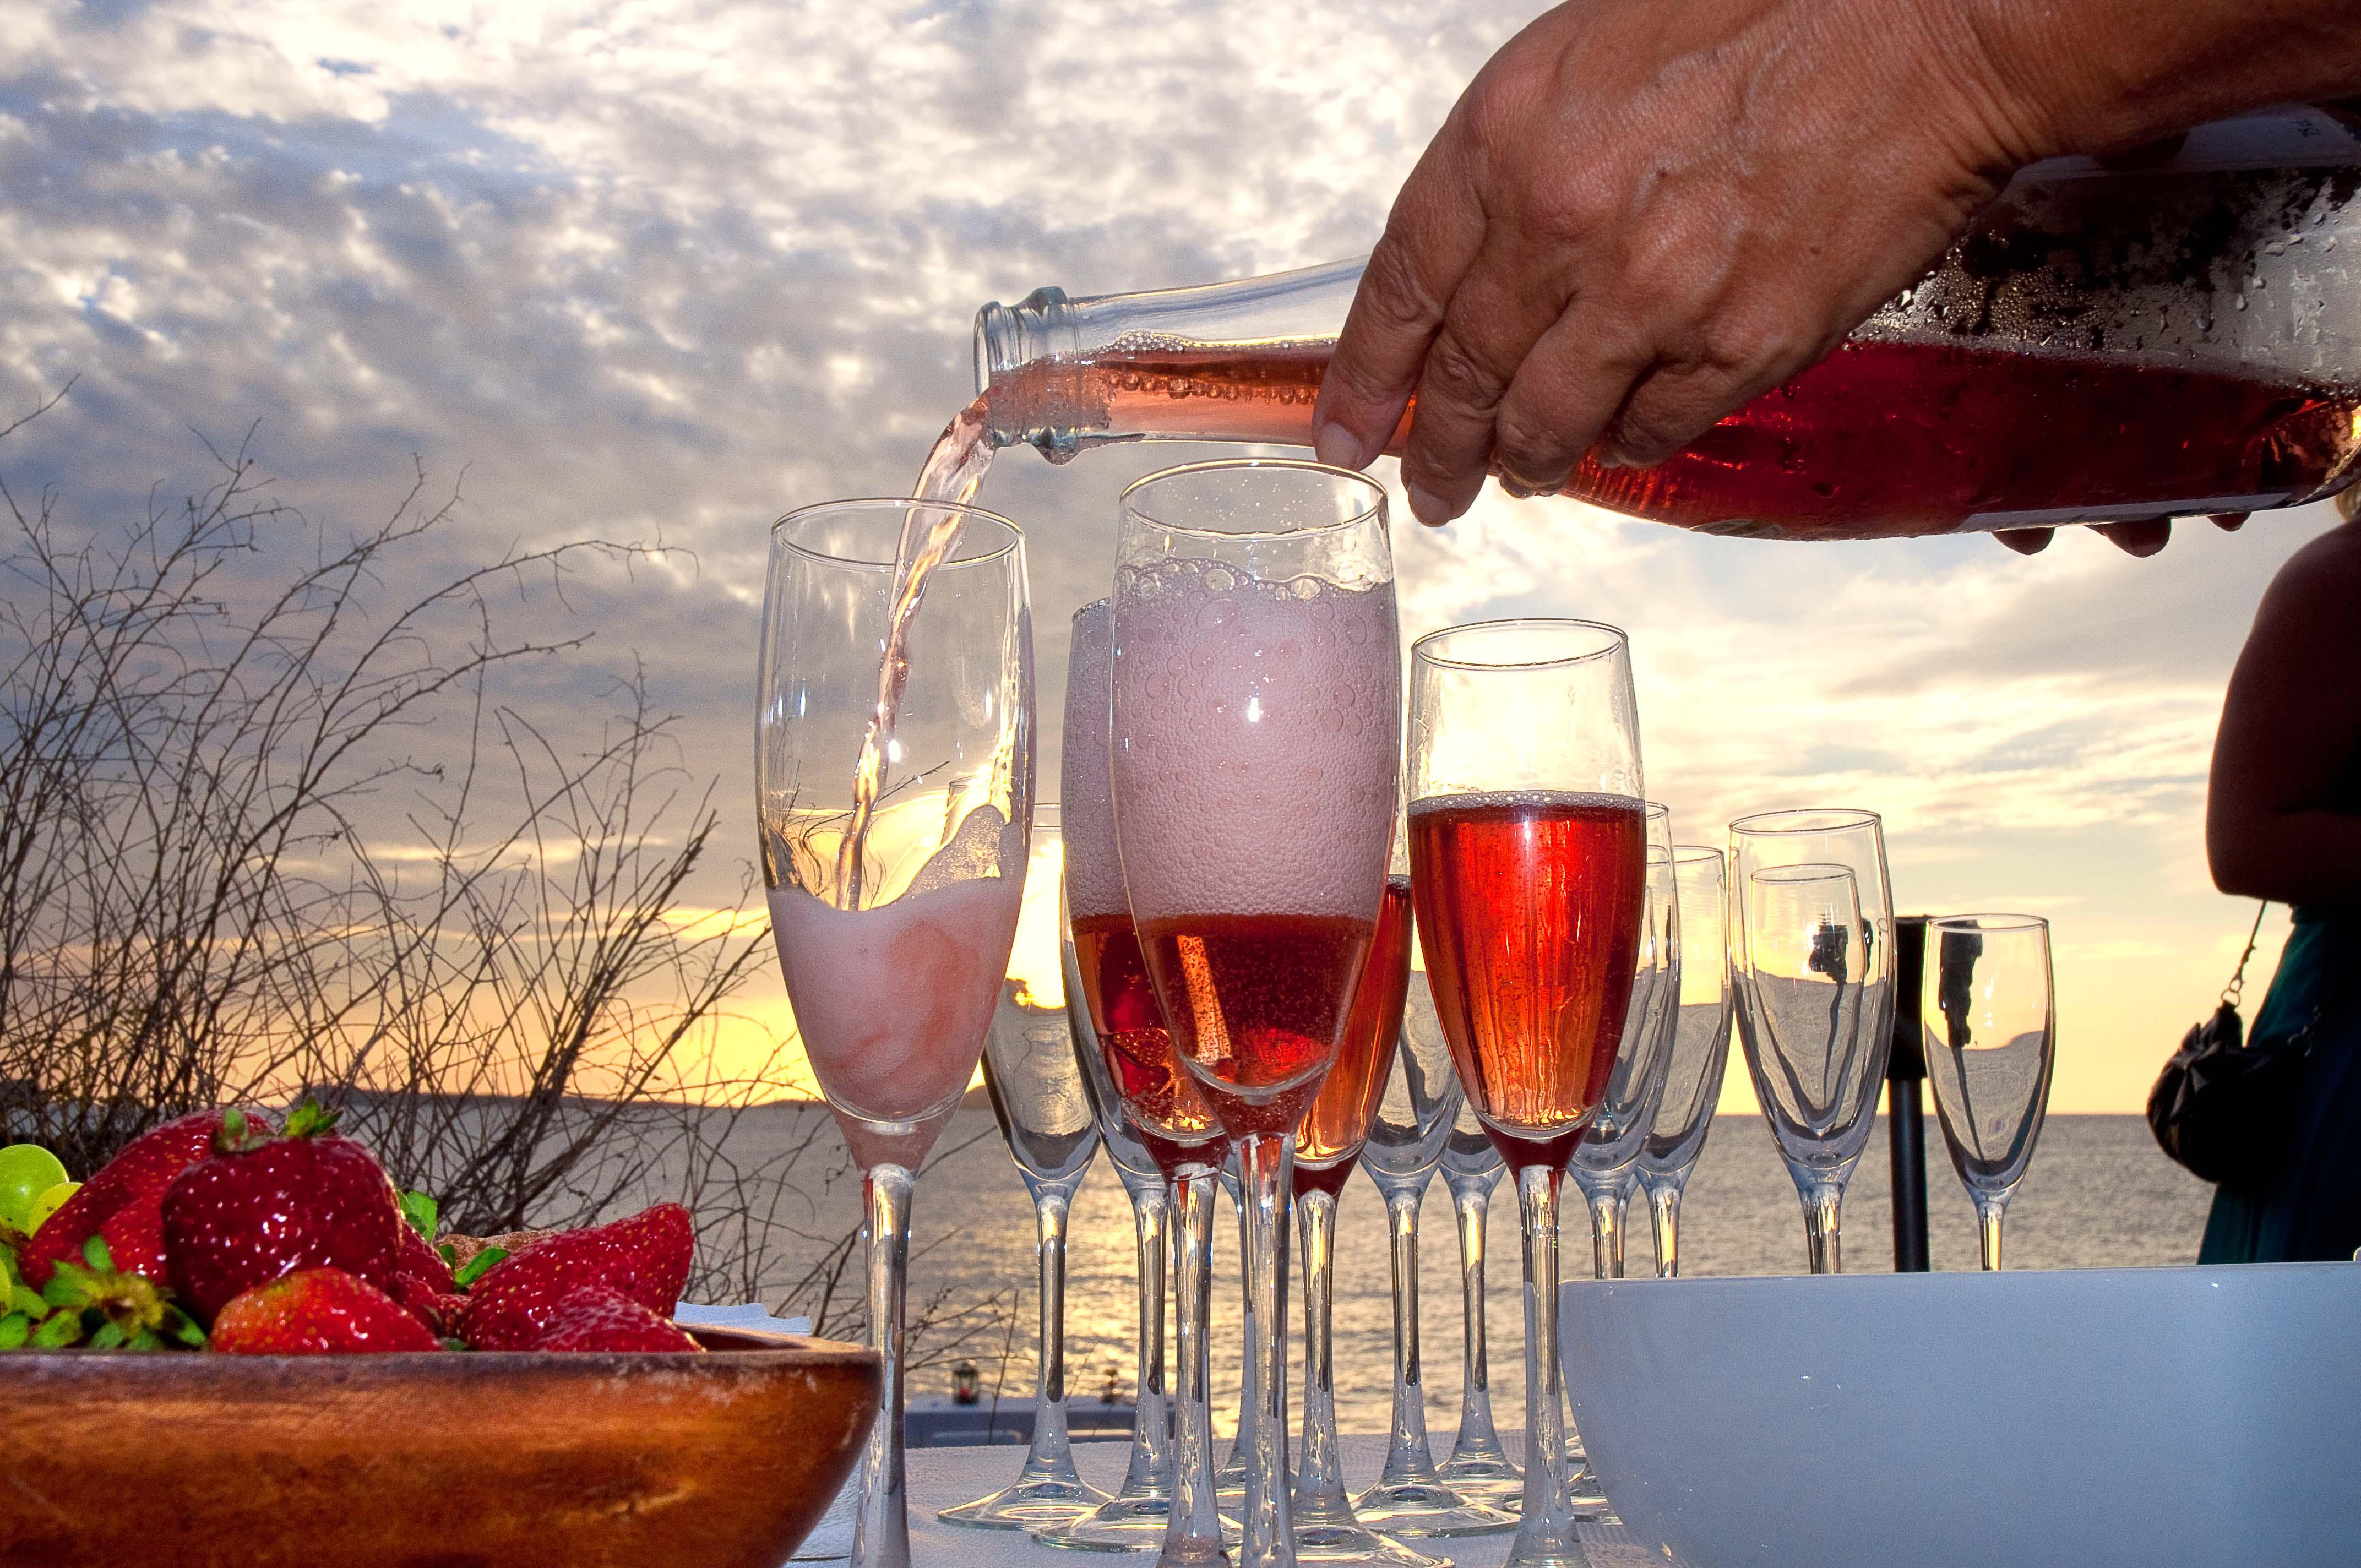 Trouwen op Ibiza, ceremonie